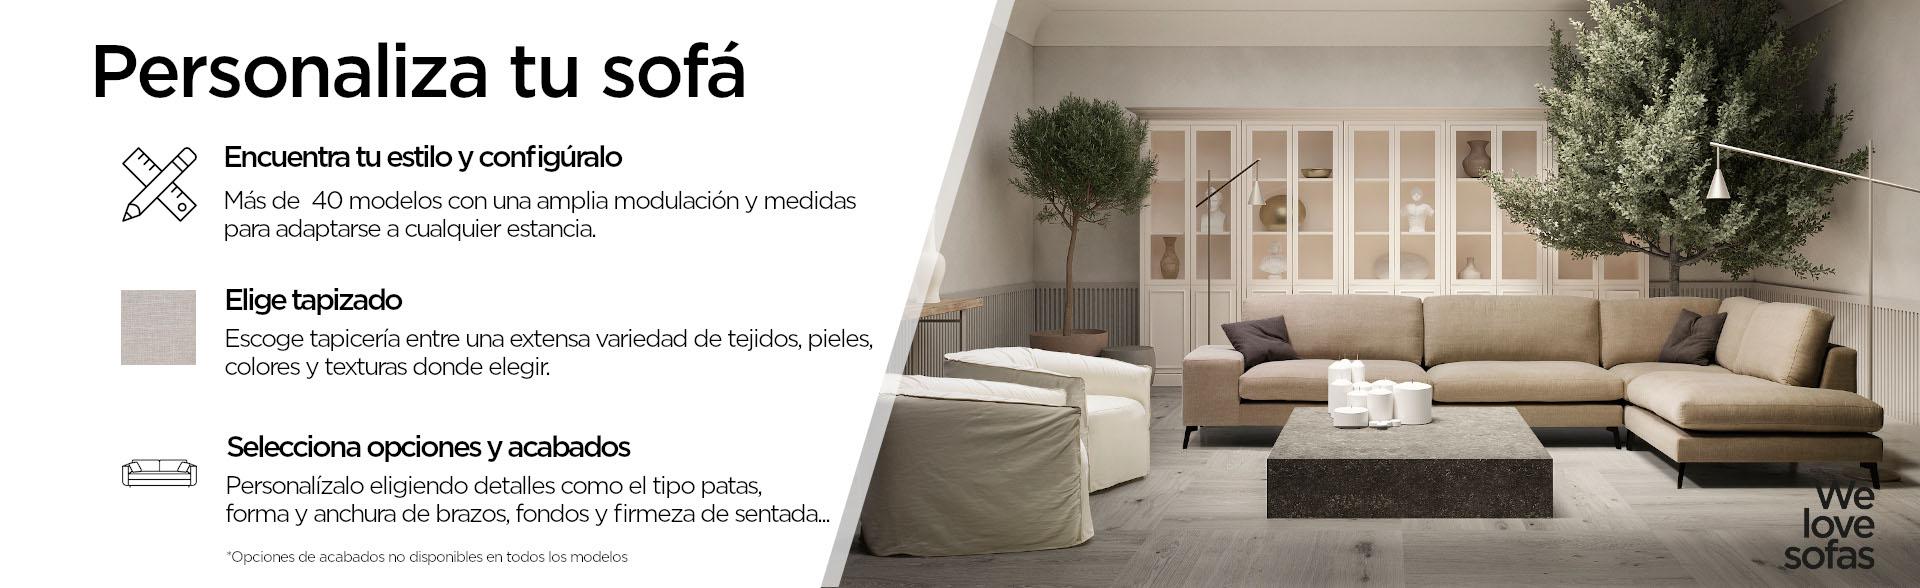 Personaliza tu sofá en Moradillo Store